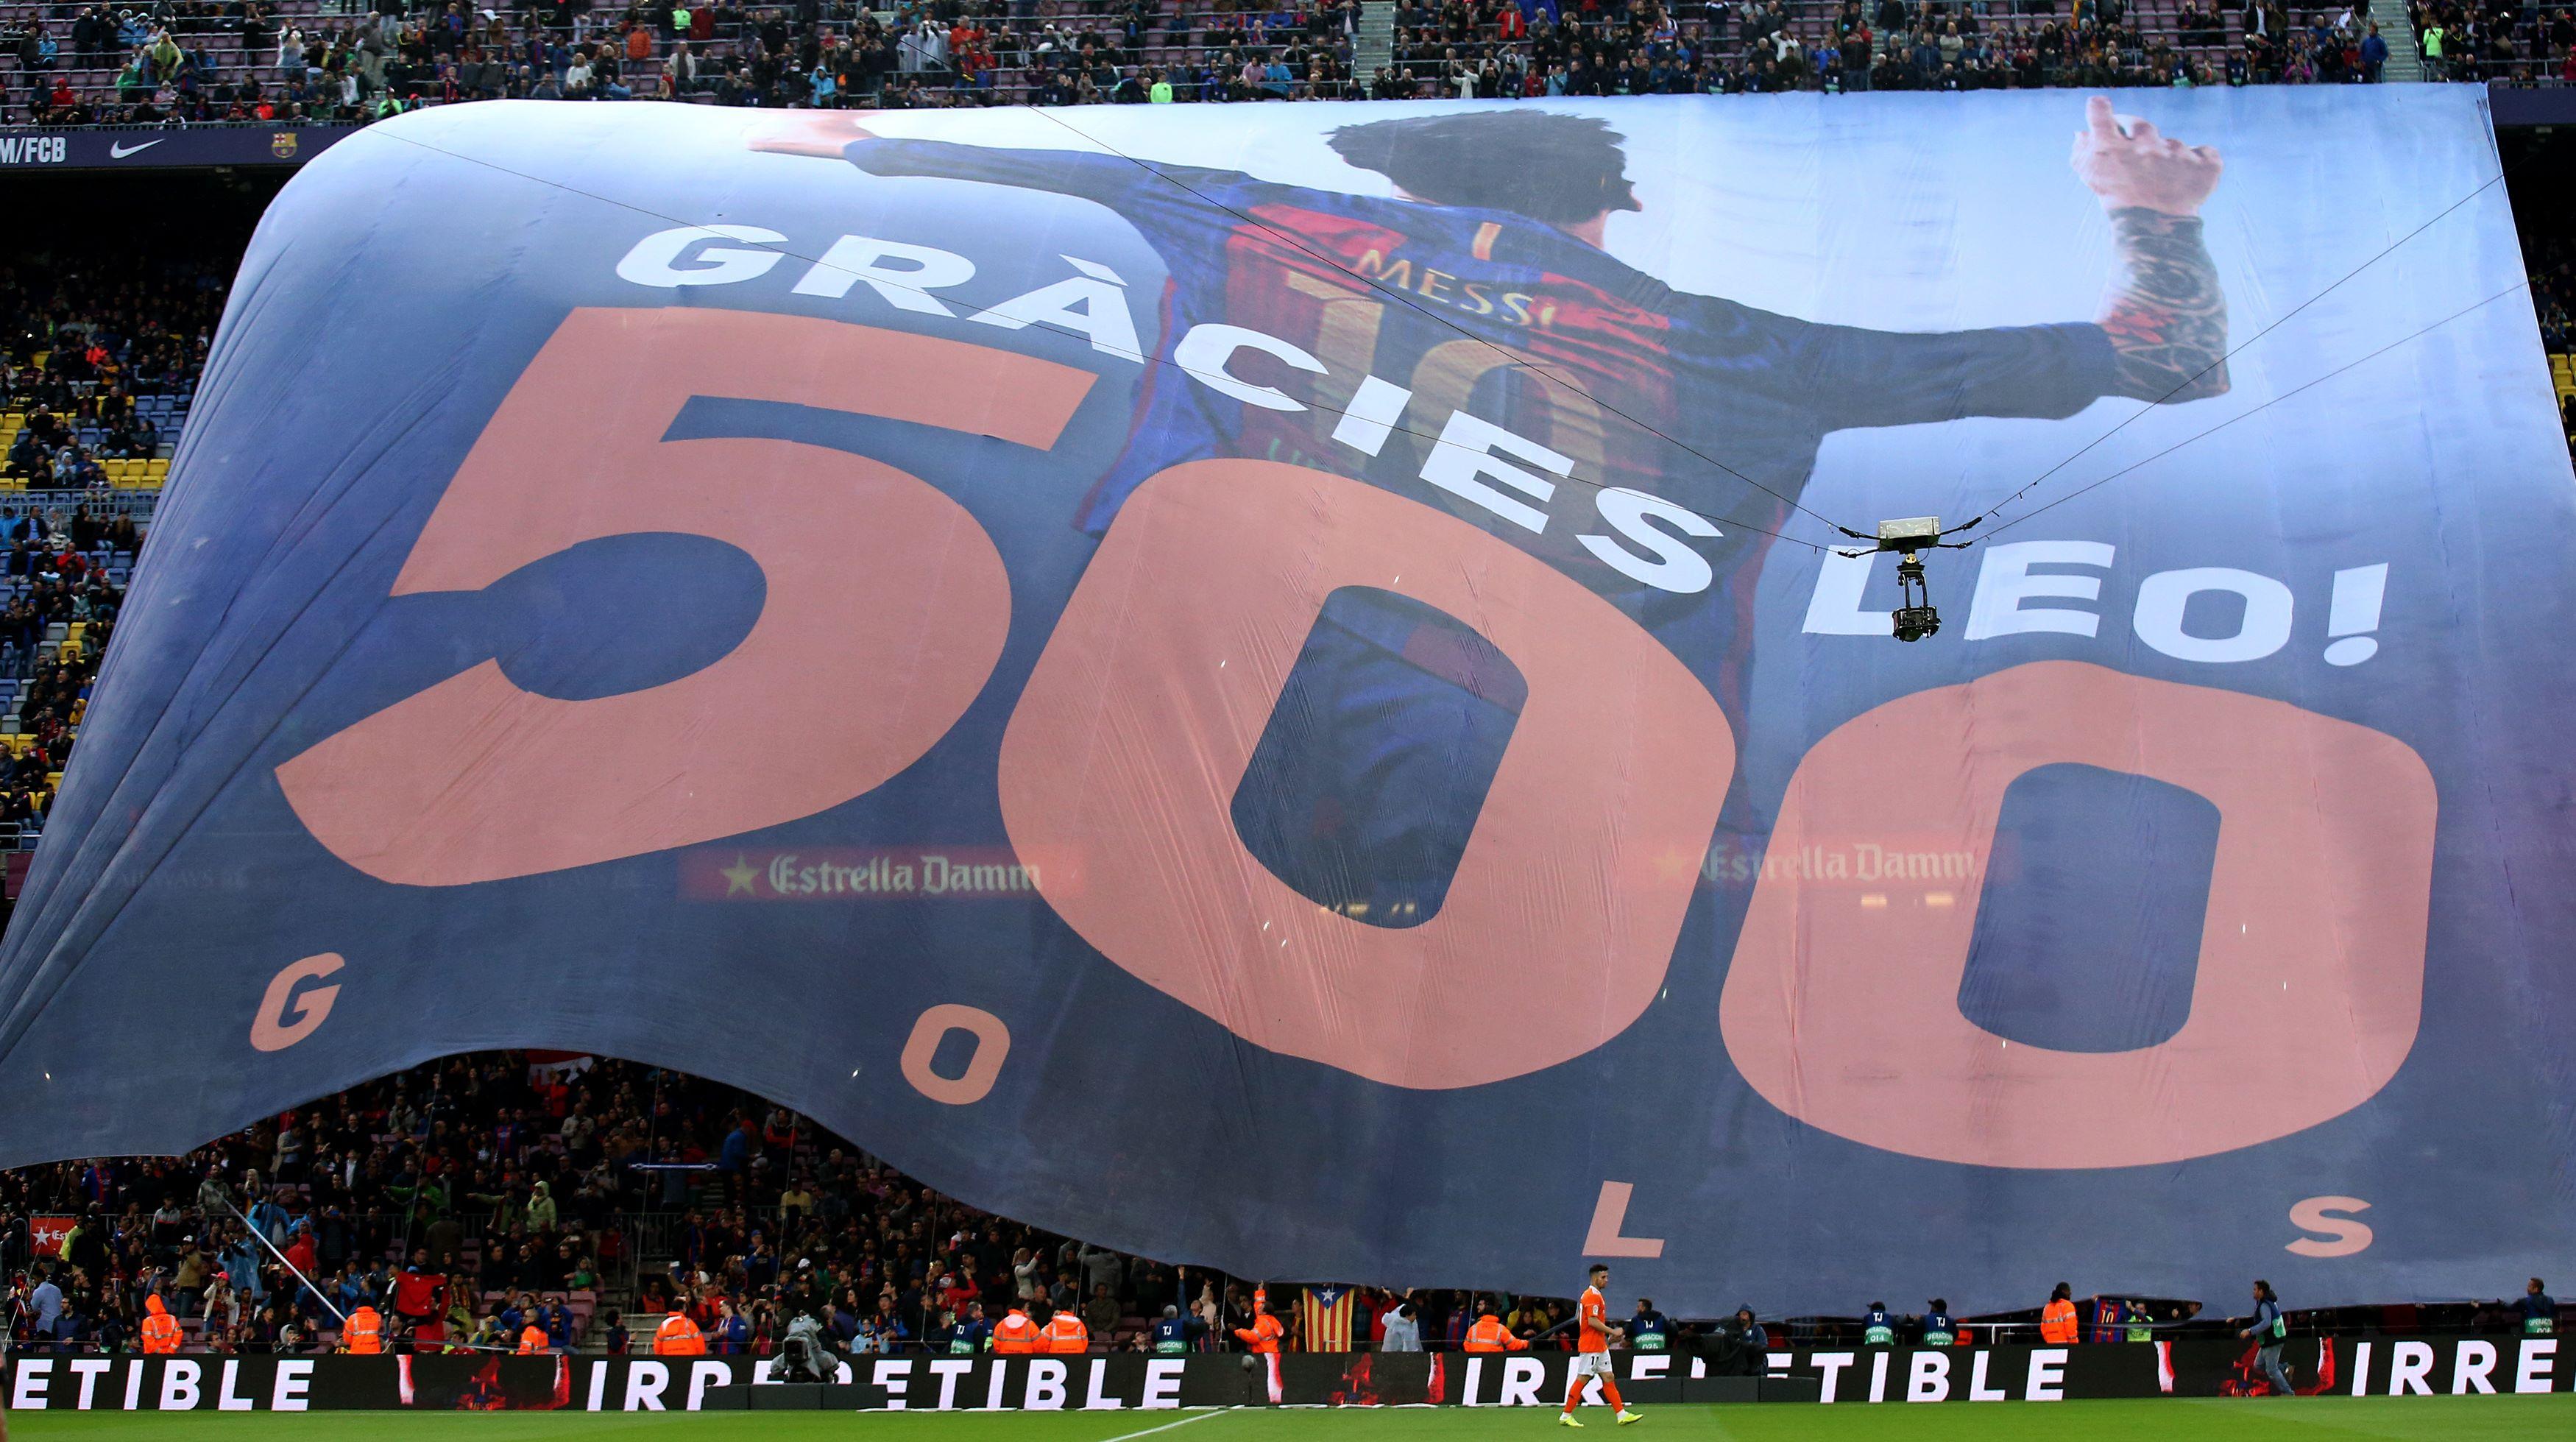 Torcida do Barça faz bandeirão para homenagear Messi pelos 500 gols pelo  clube e92dd9700169c